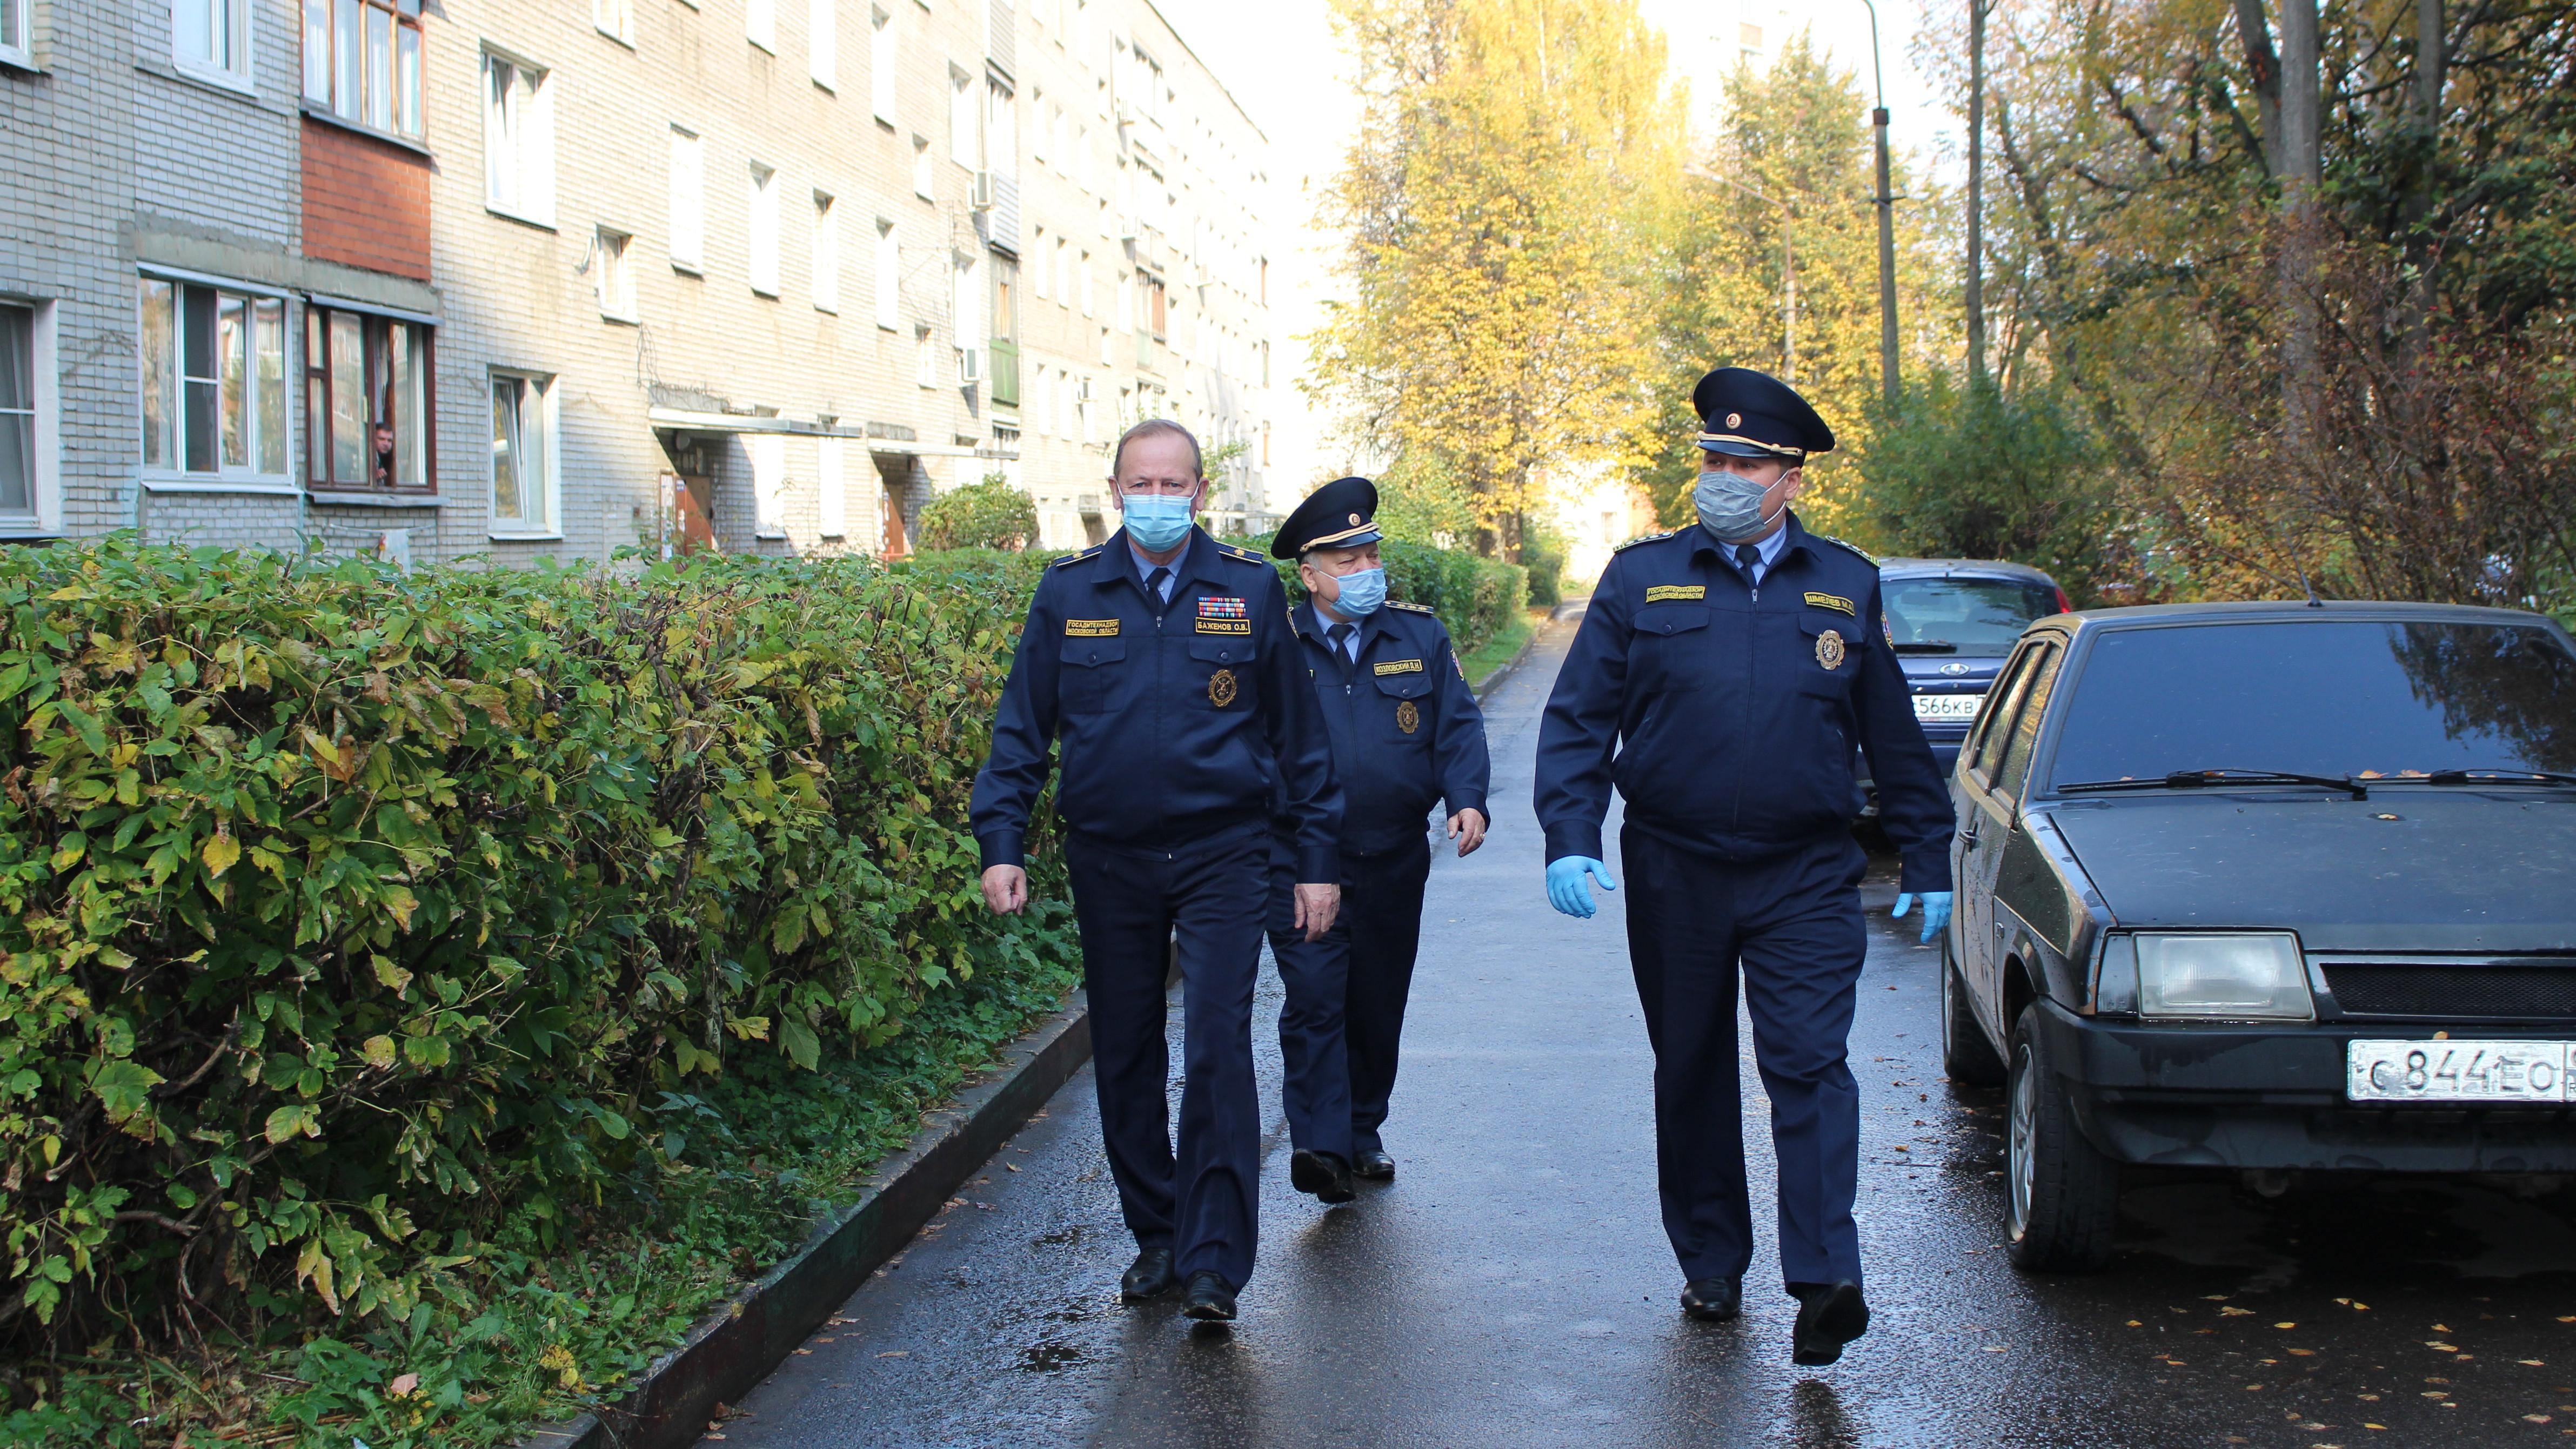 Руководитель Госадмтехнадзора Подмосковья проинспектировал городской округ Домодедово